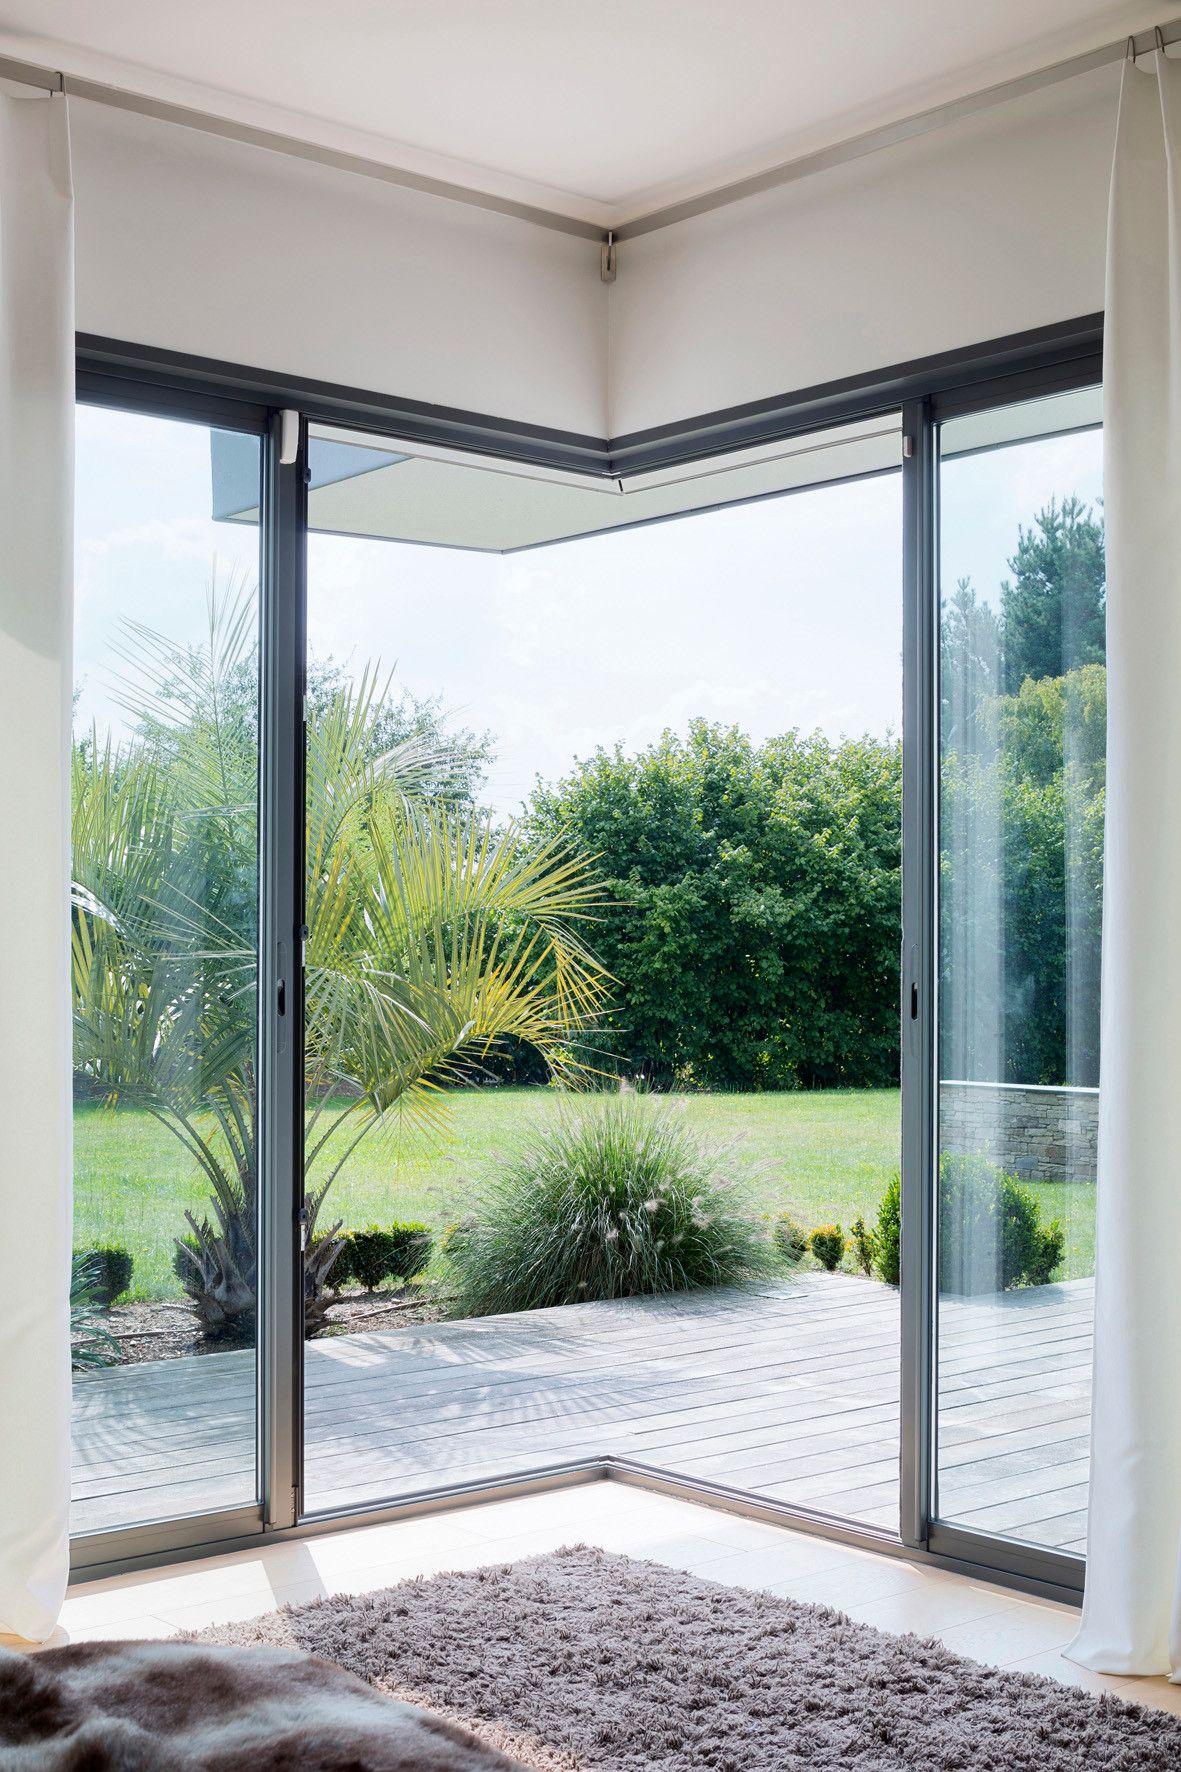 Home design exterieur und interieur le bloc coulissant pour créer des angles entièrement ouverts sur l